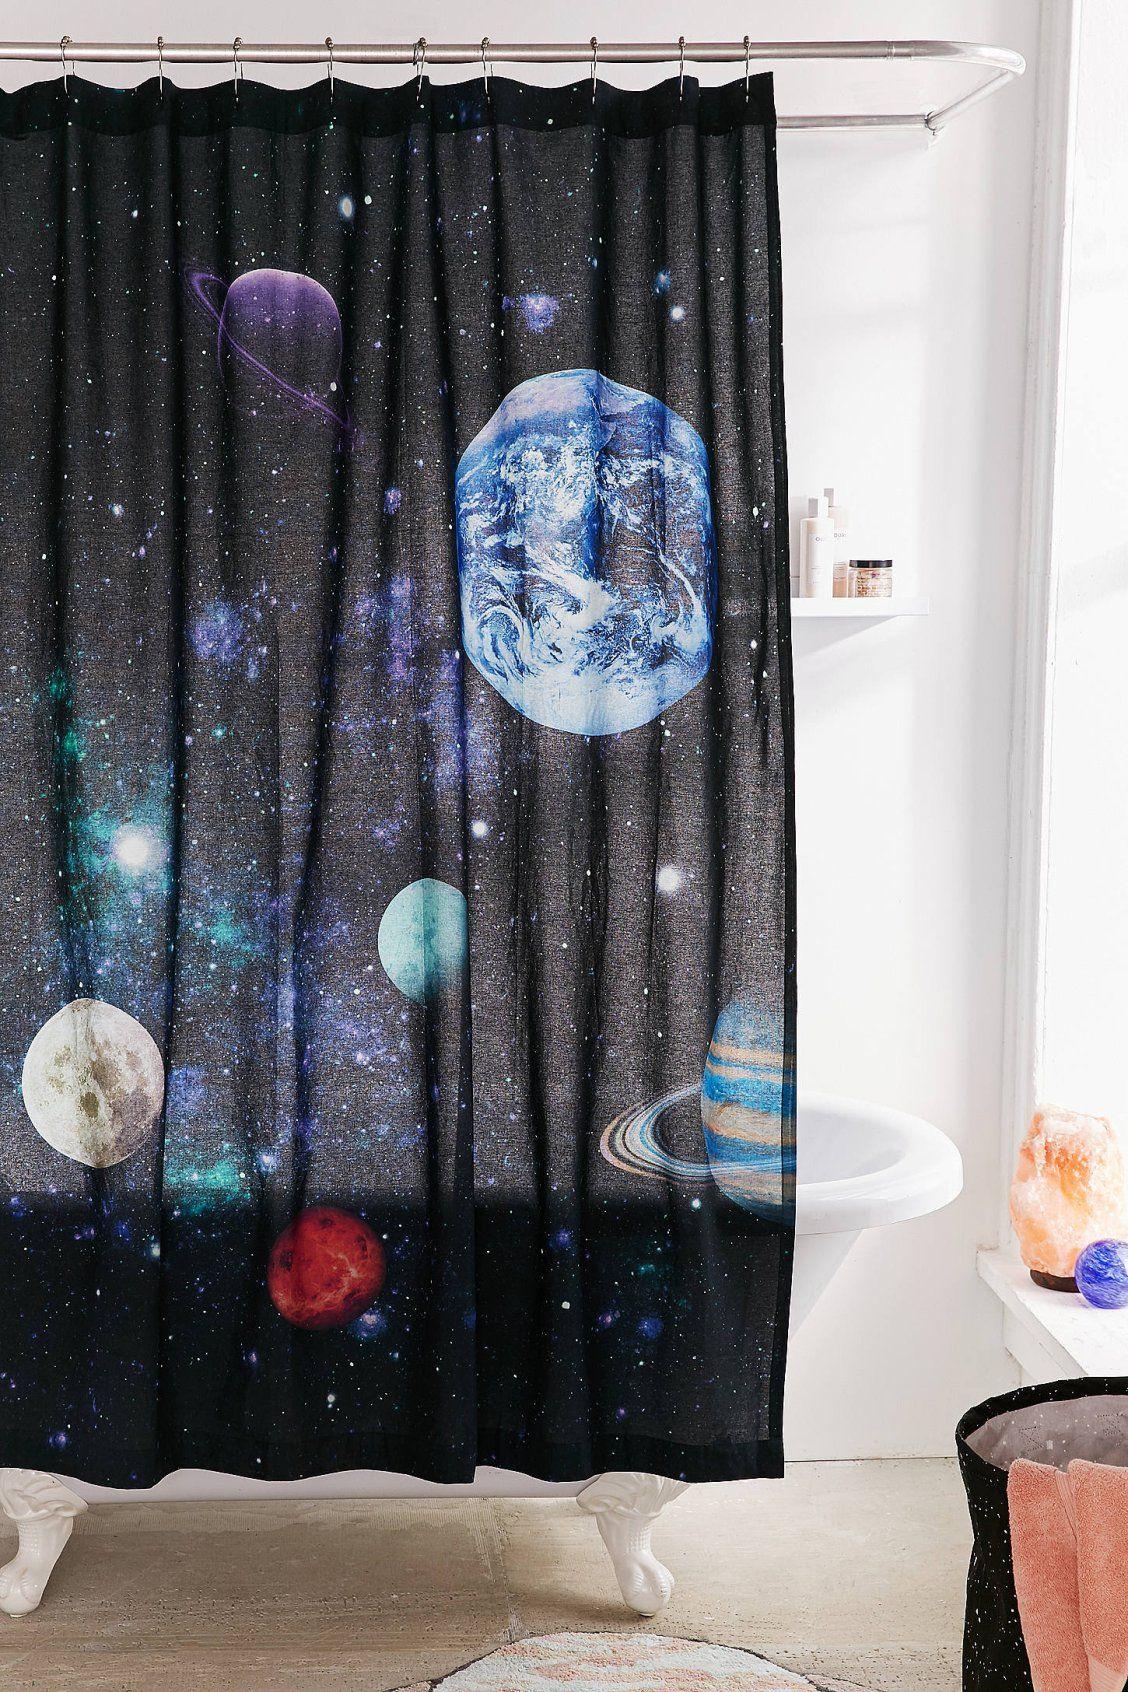 Shower Curtain Liner Decoracao Cortinas Banheiro